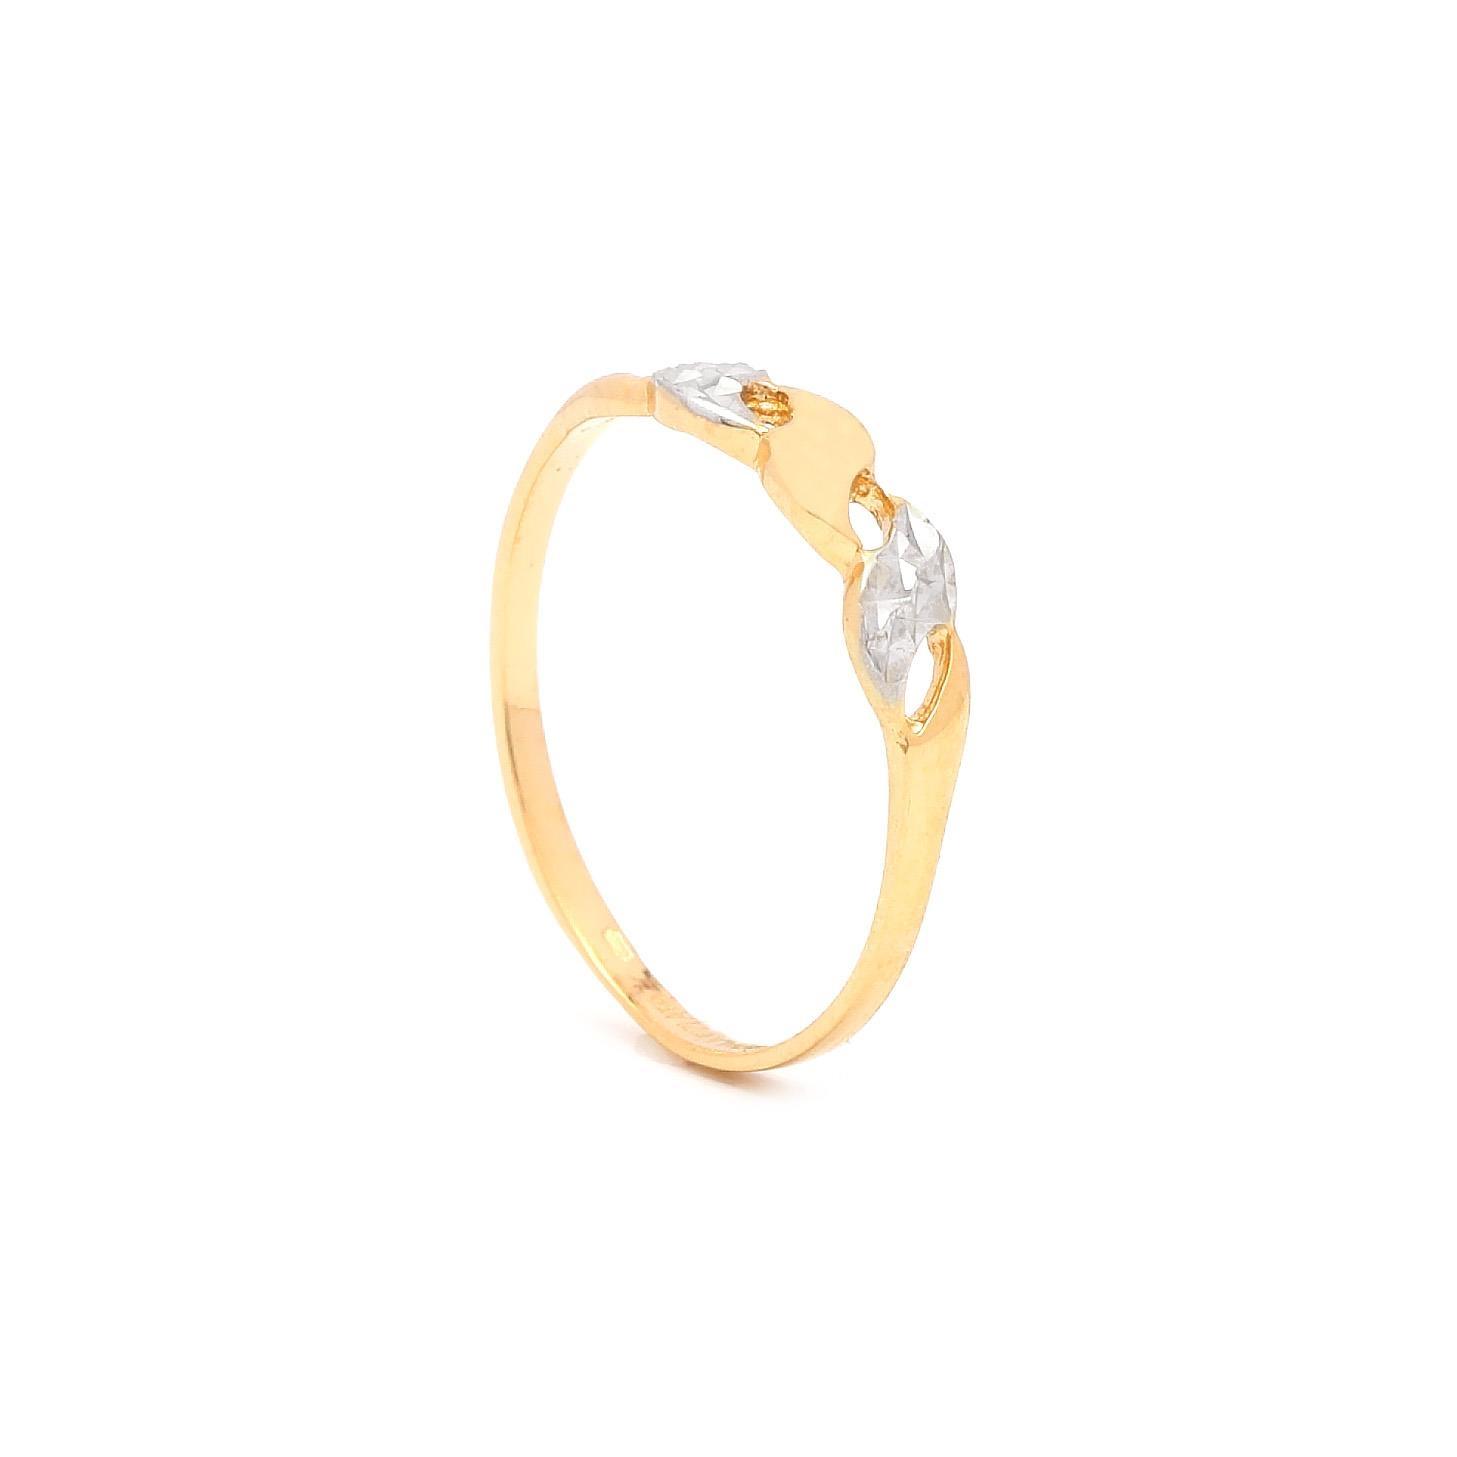 Zlatý dámsky prsteň AUBERONA